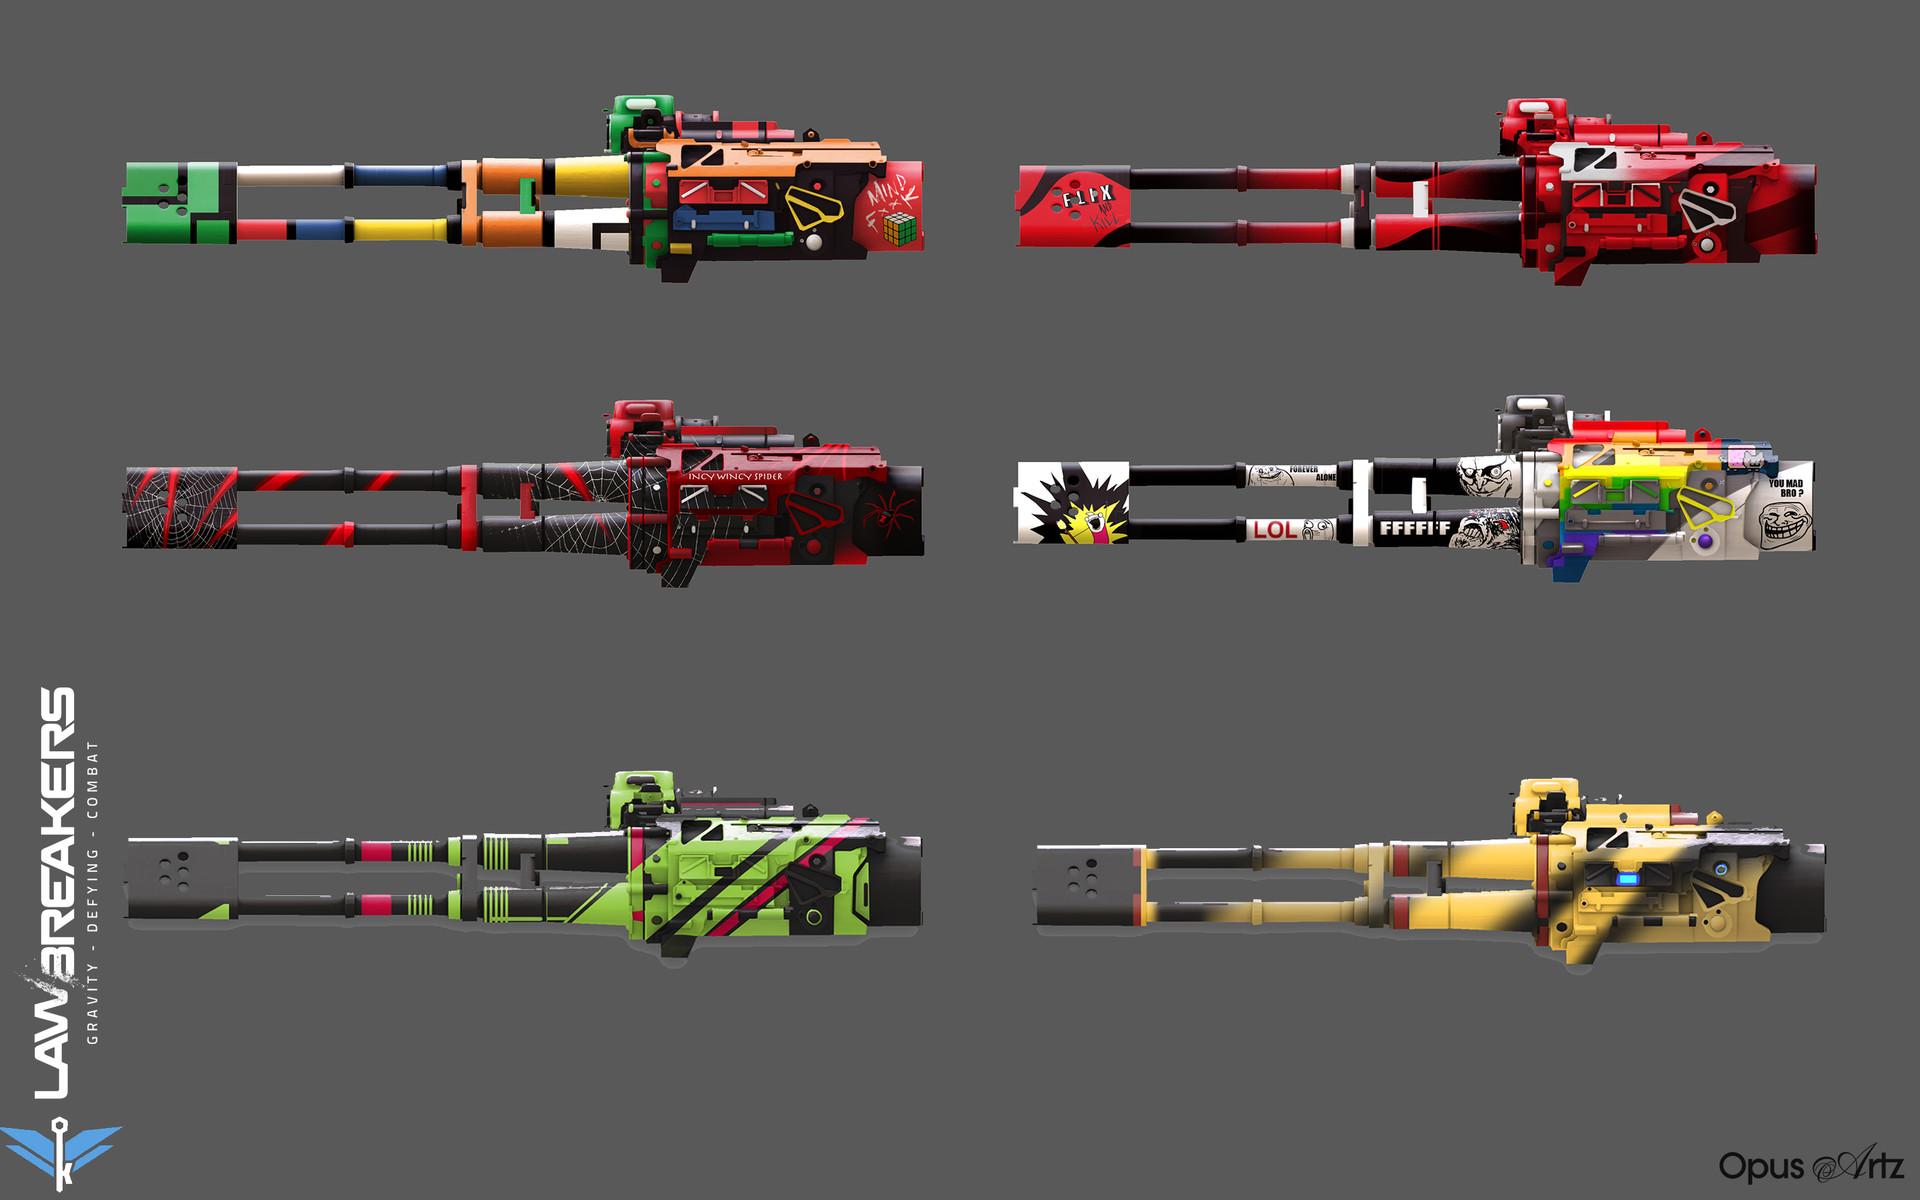 Opus artz lawbreakers minigun